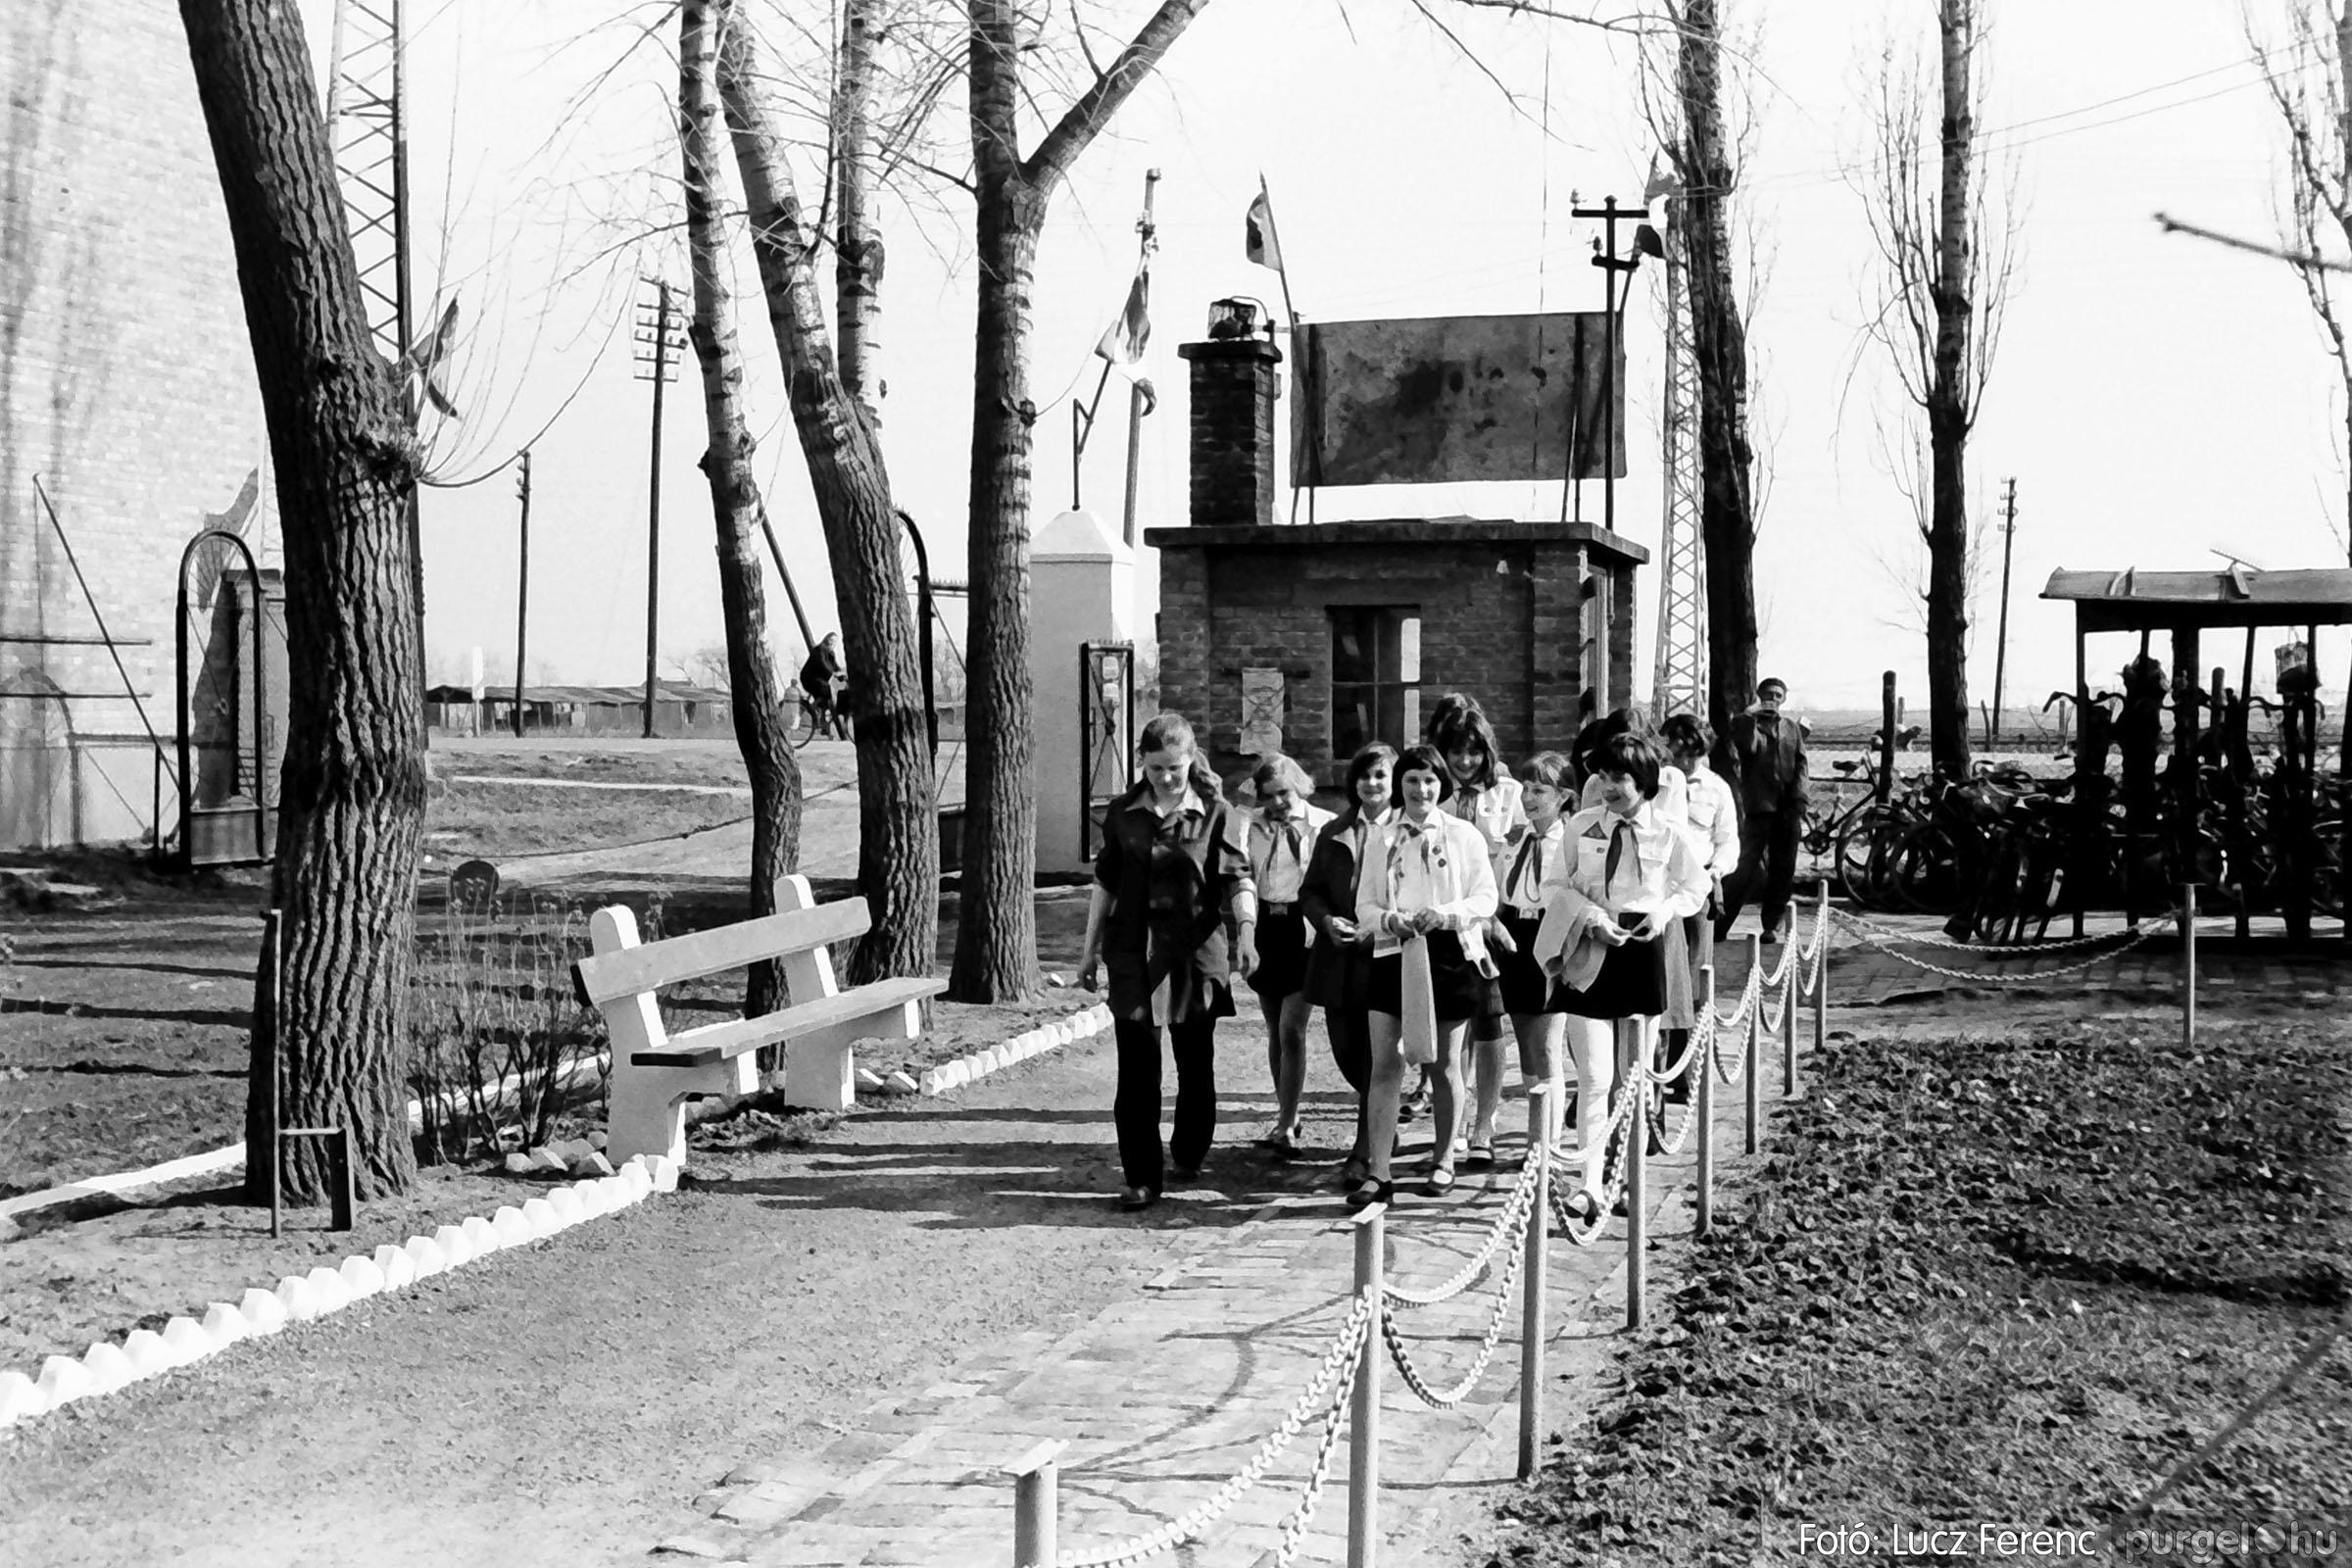 038. 1976. Ünnepség a kendergyárban 001. - Fotó: Lucz Ferenc.jpg